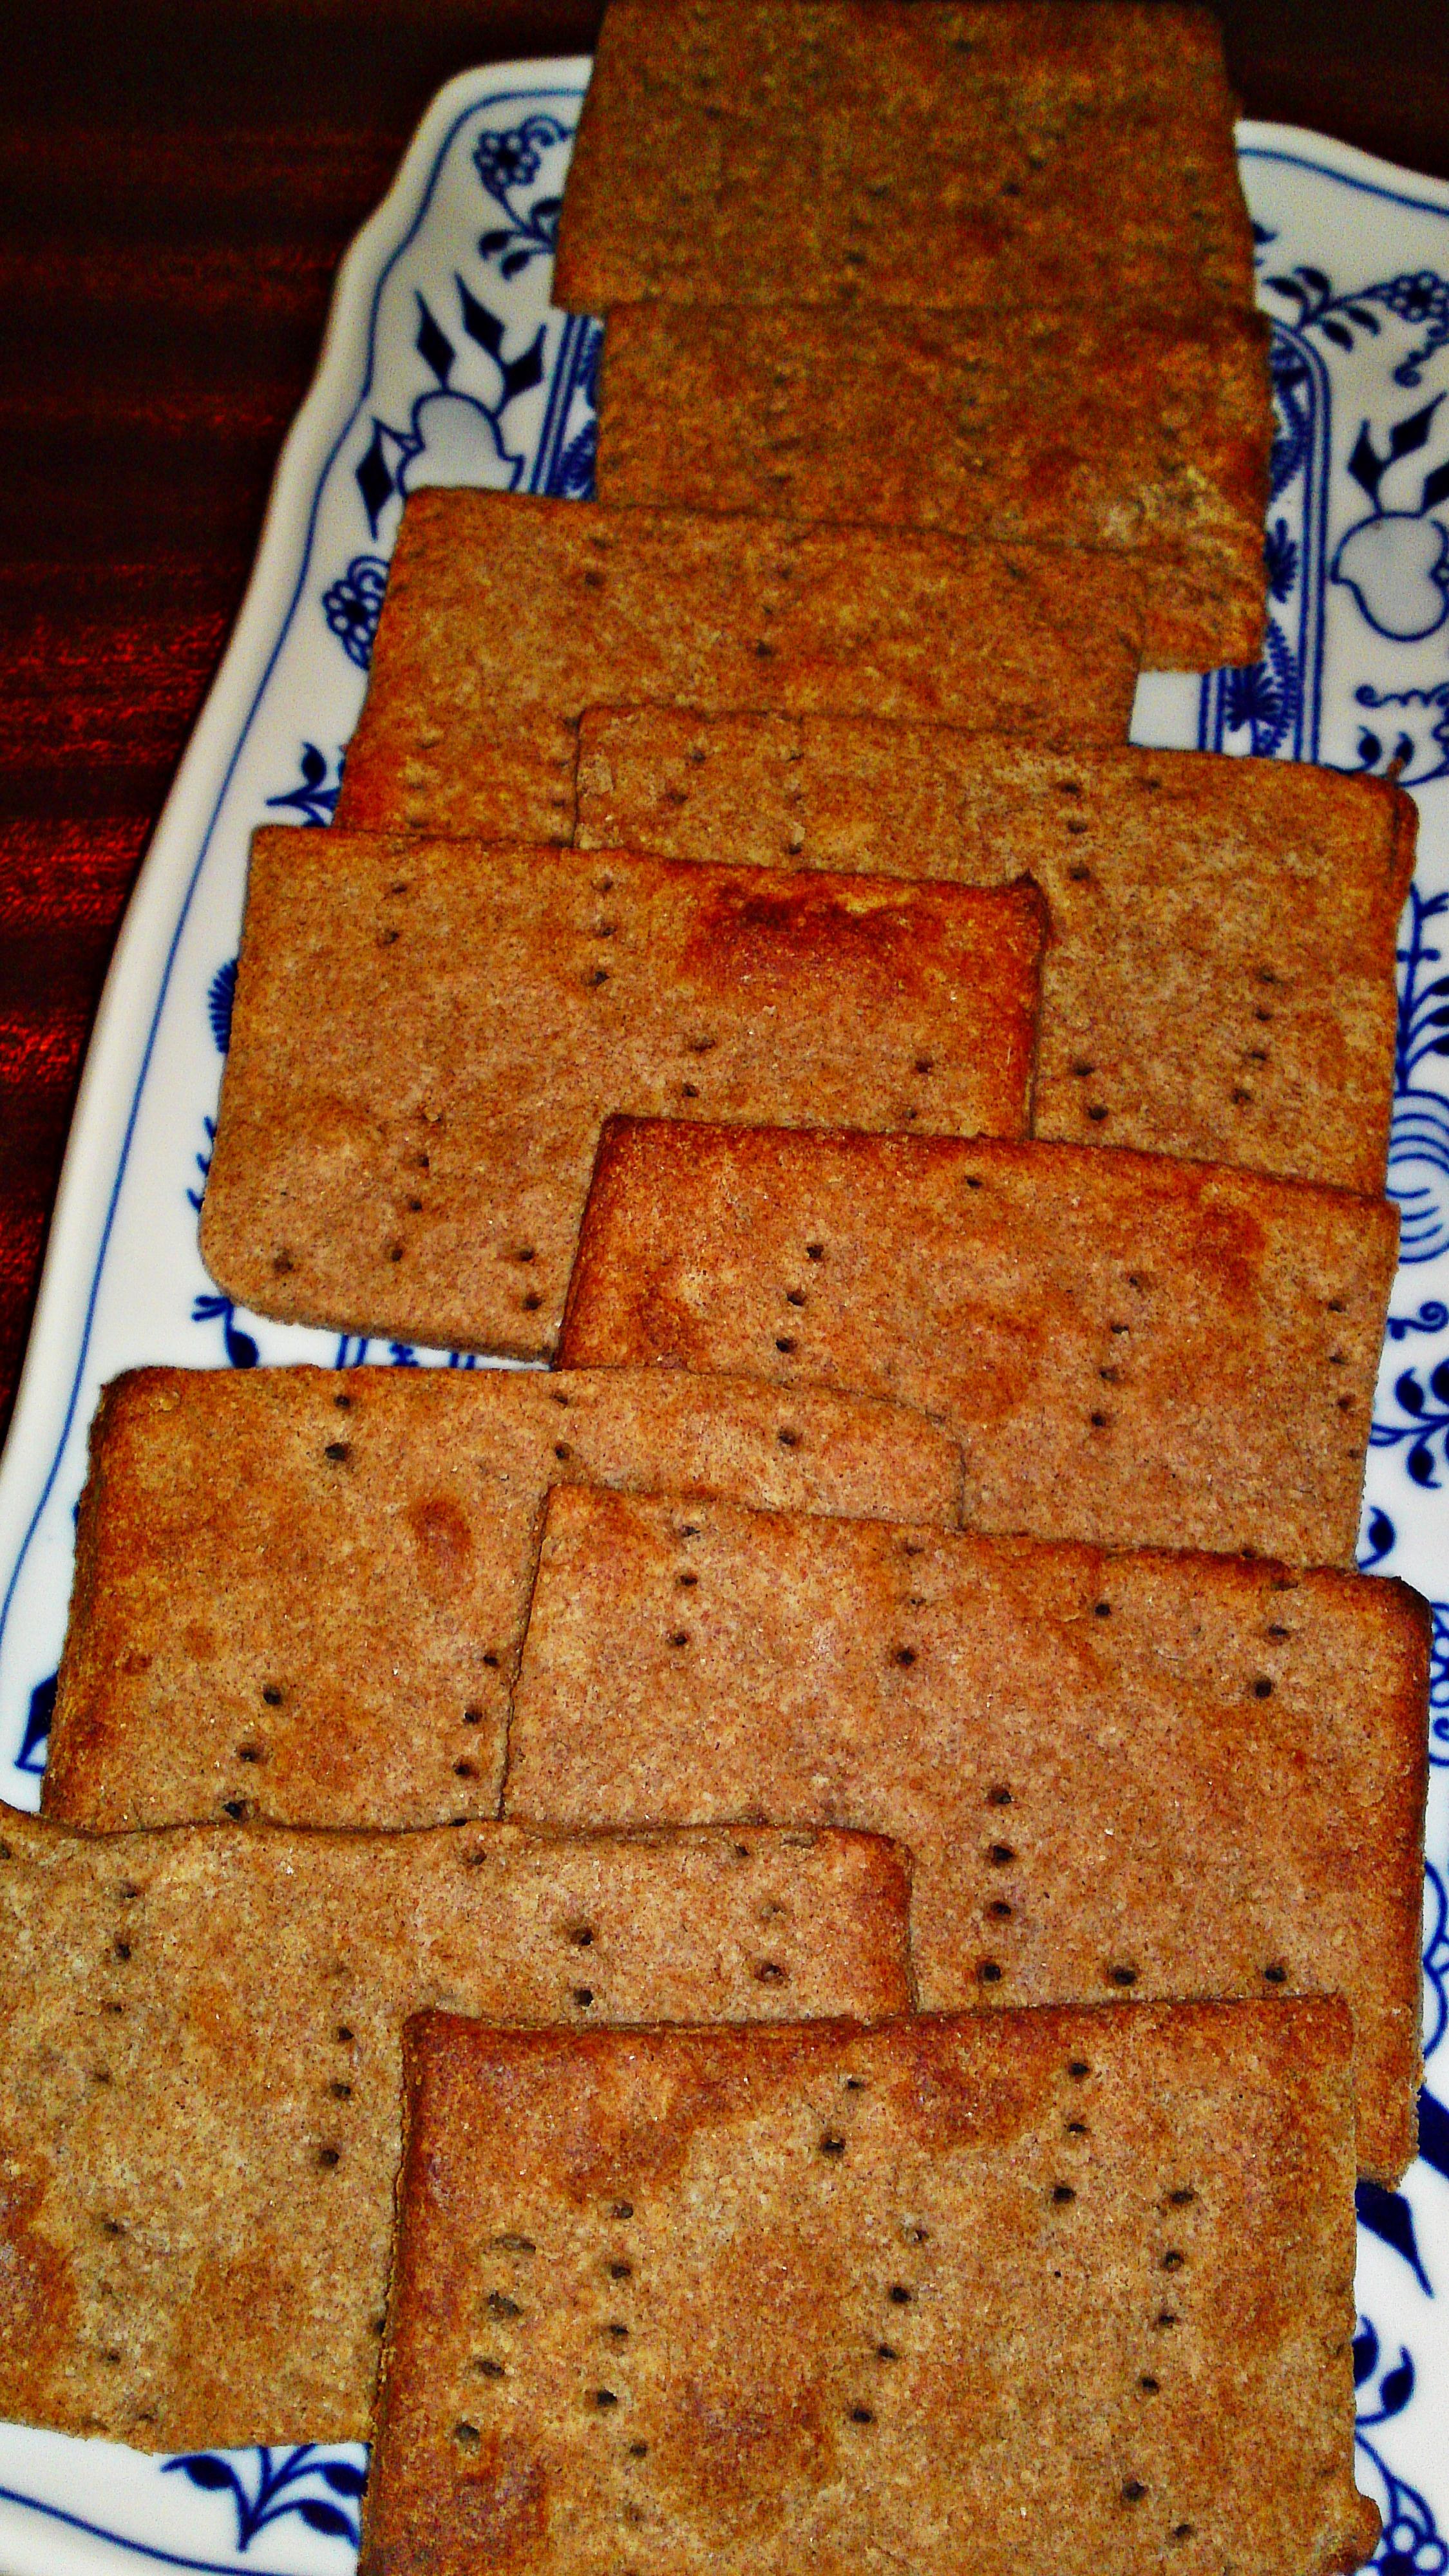 Jemný křupavý švédsky chléb - Knäckebrot